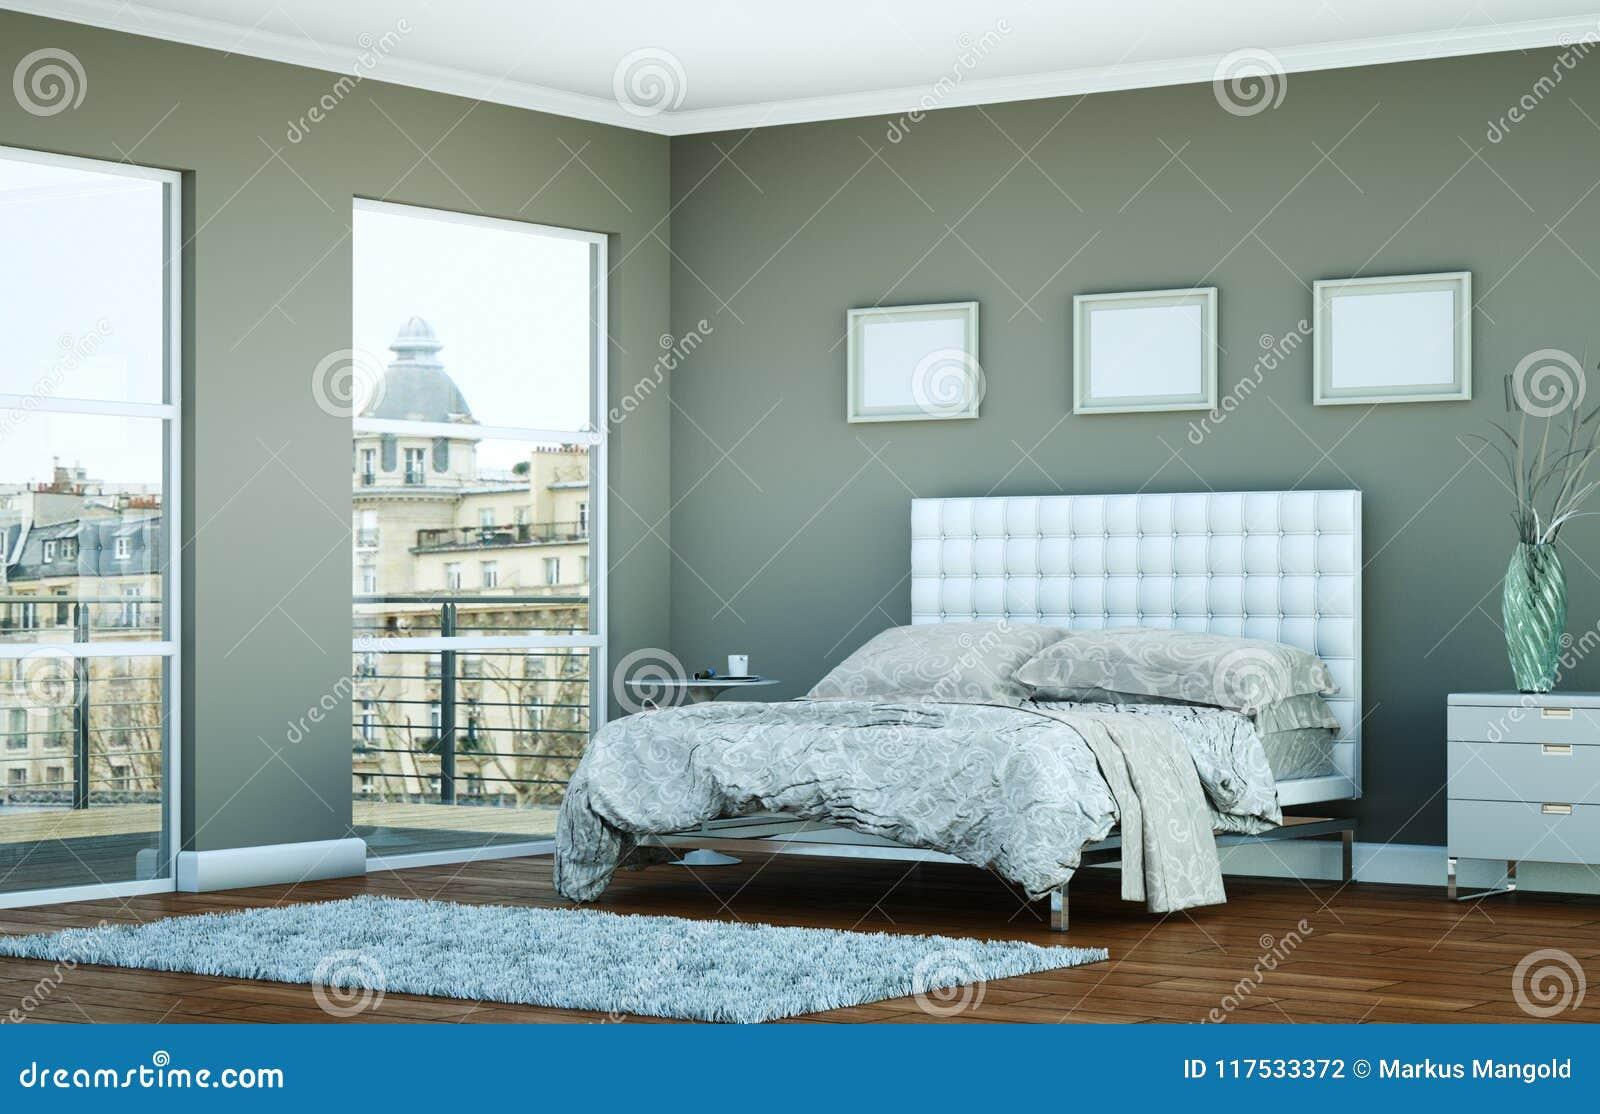 Camera Da Letto Moderna Con La Parete Grigia E Decorazione ...